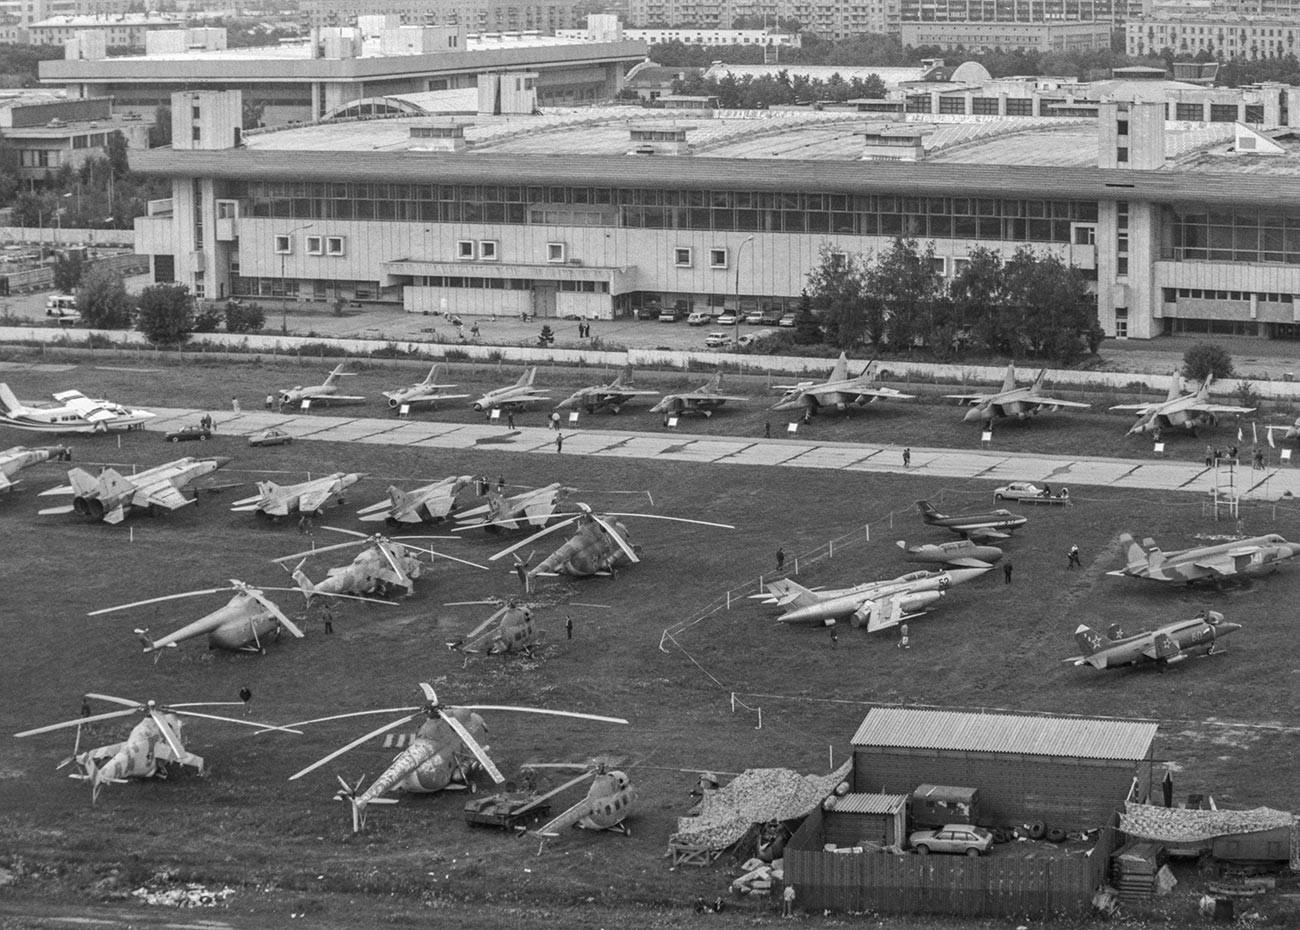 Exposition aérospatiale à l'Aérodrome central de Moscou